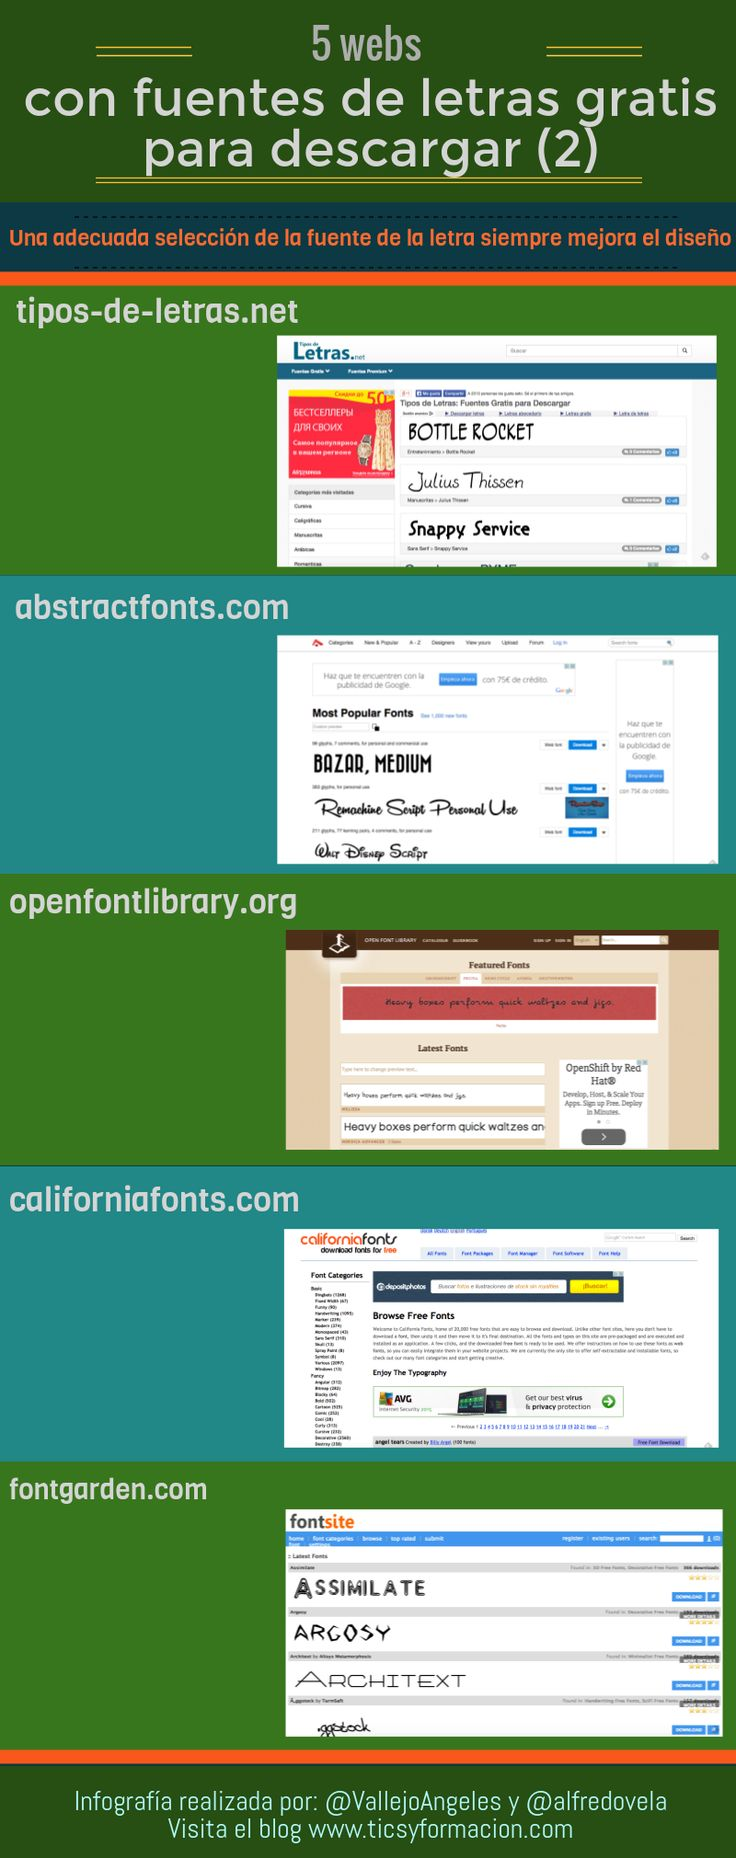 5 webs con fuentes de letras gratis (2